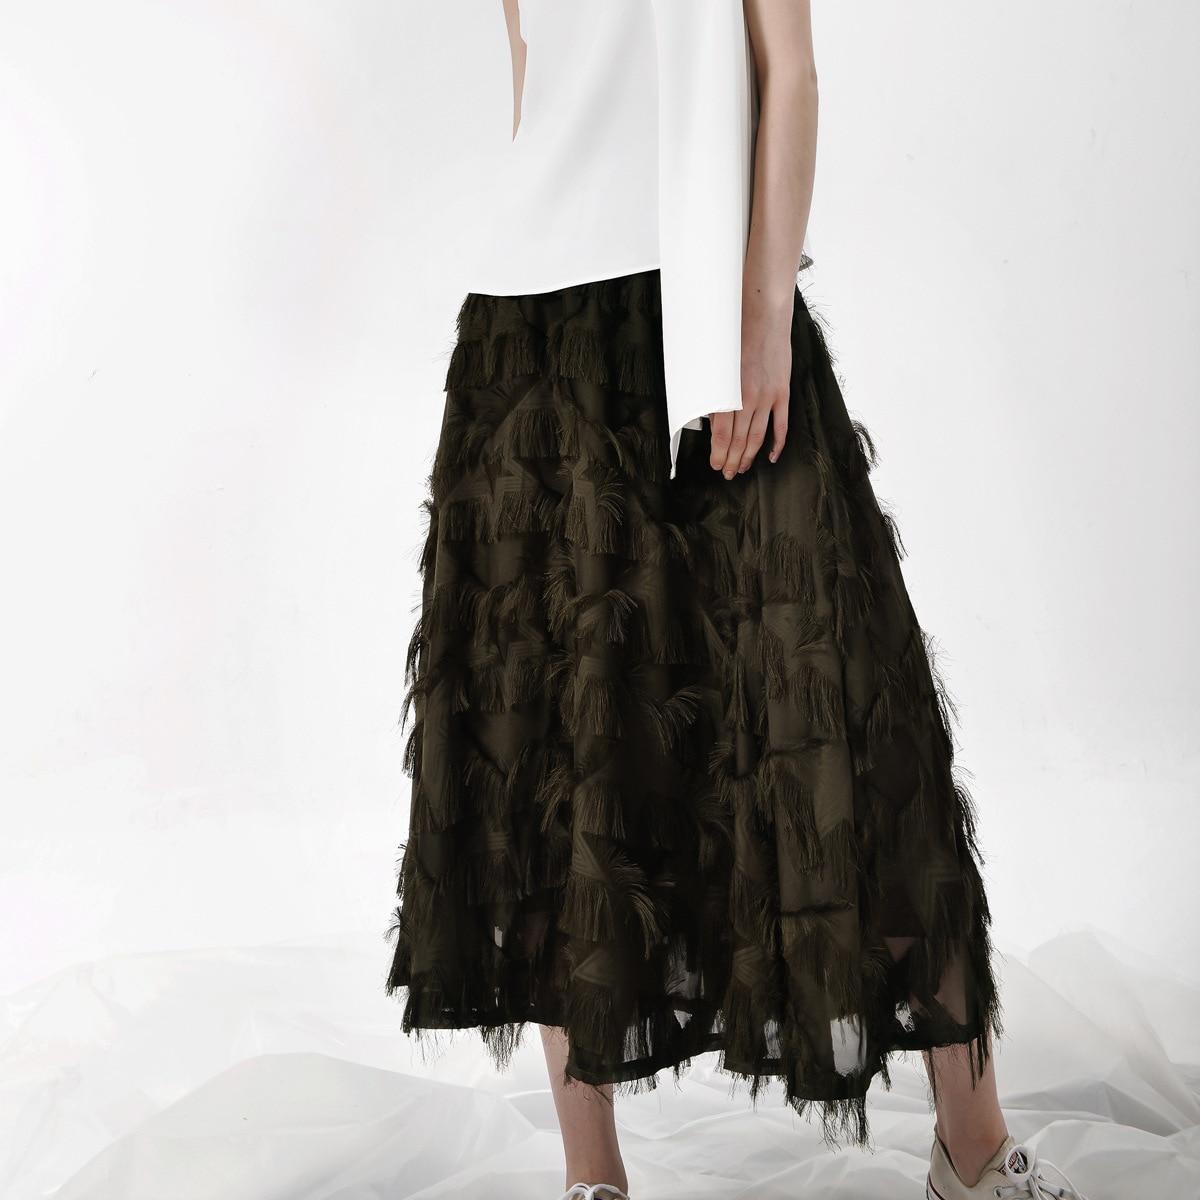 c5c4d9b6c Estilo Nuevo 2019 La Cintura Faldas Medio Damas Elástica Mujer Sólido  Elegante verde De Diseño Borla Calle Larga ...